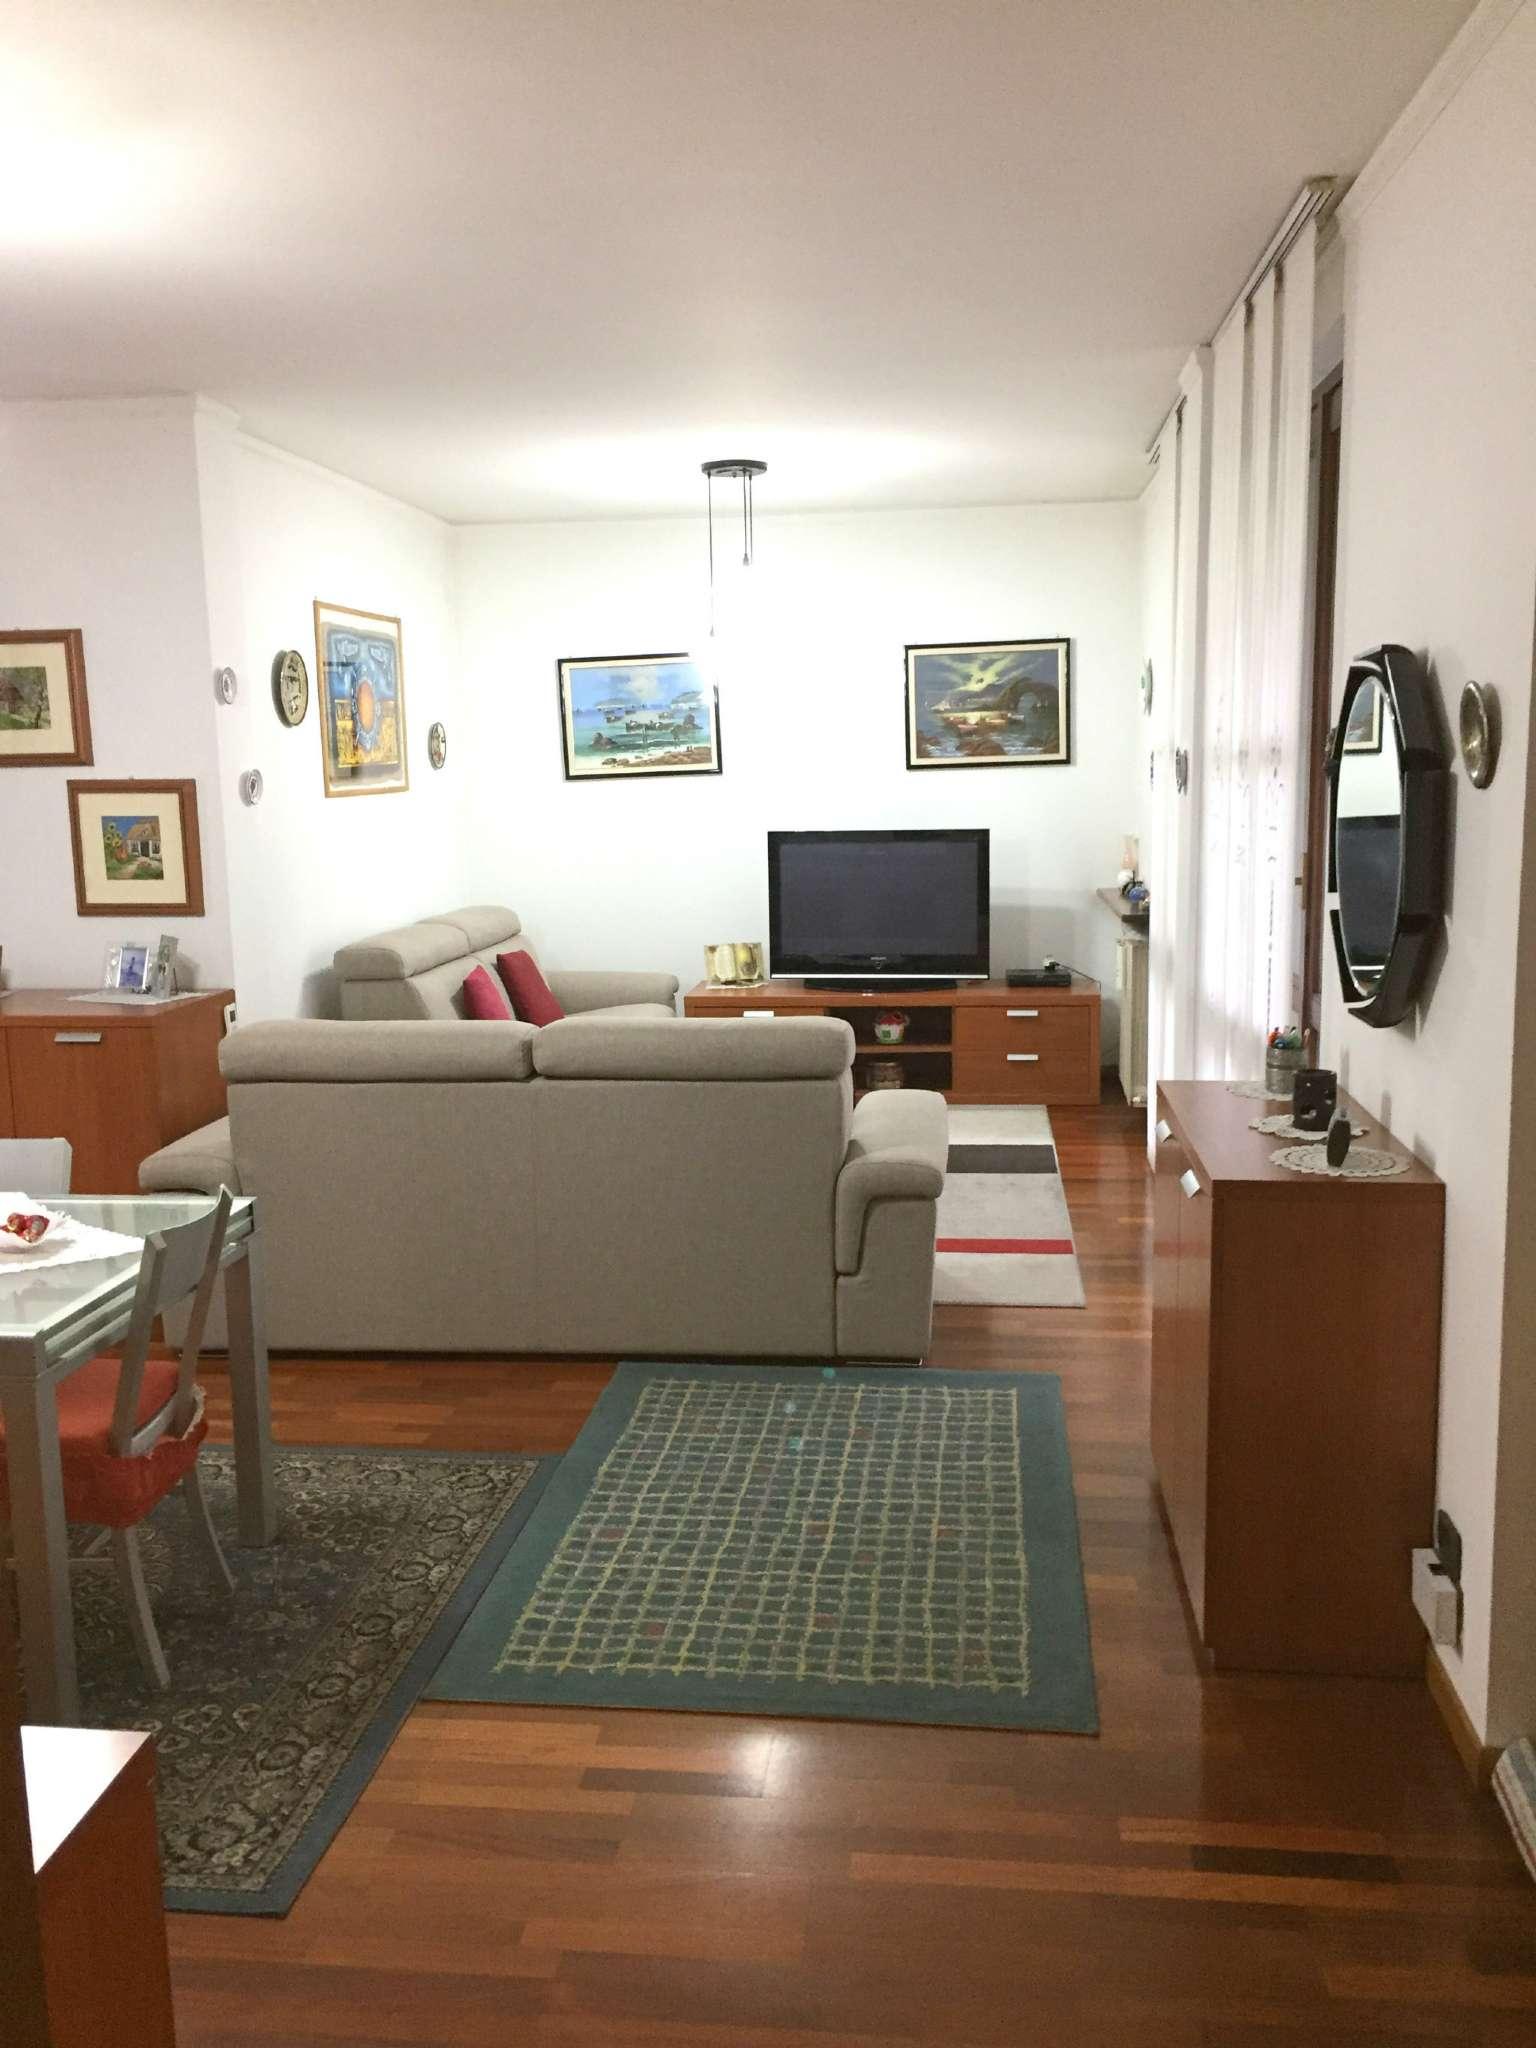 Villa in vendita a Pessano con Bornago, 4 locali, prezzo € 352.000 | CambioCasa.it